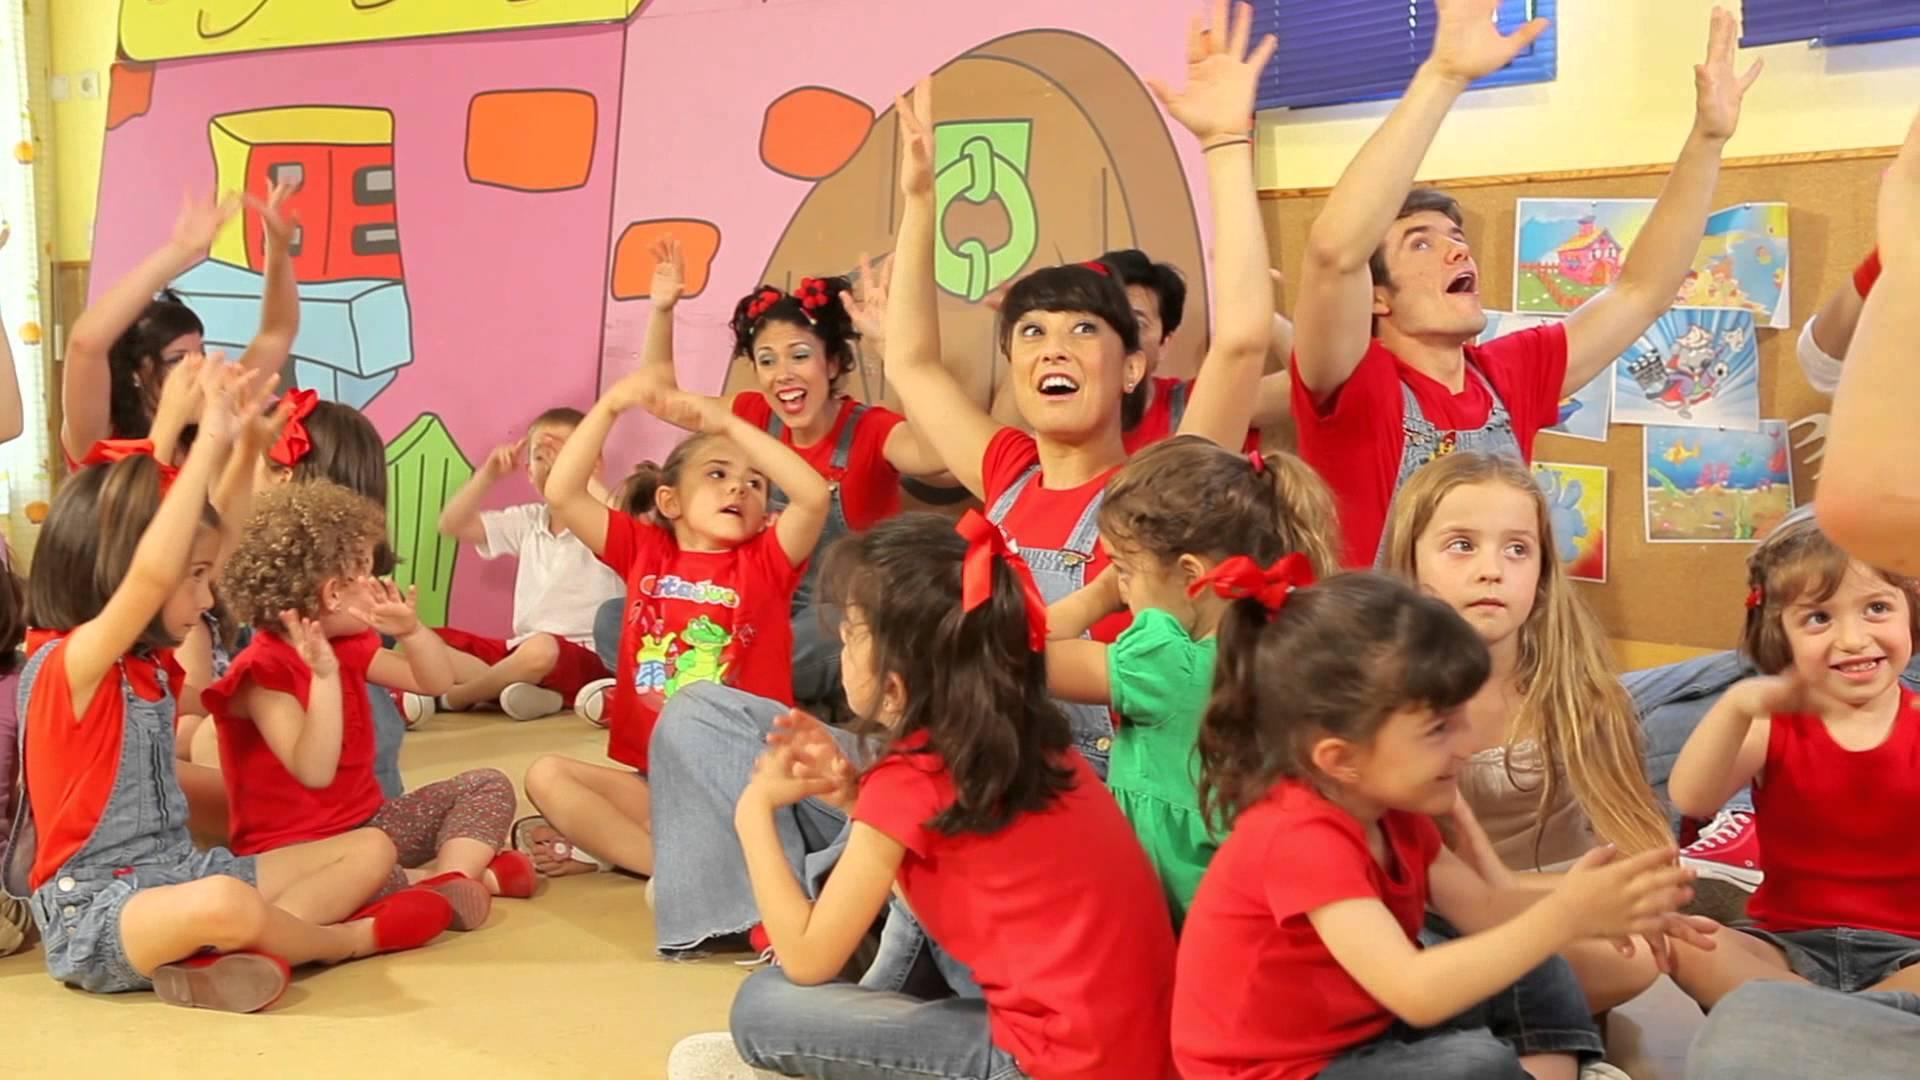 descargar-canciones-infantiles-gratis-musica-para-ninos-coreografia